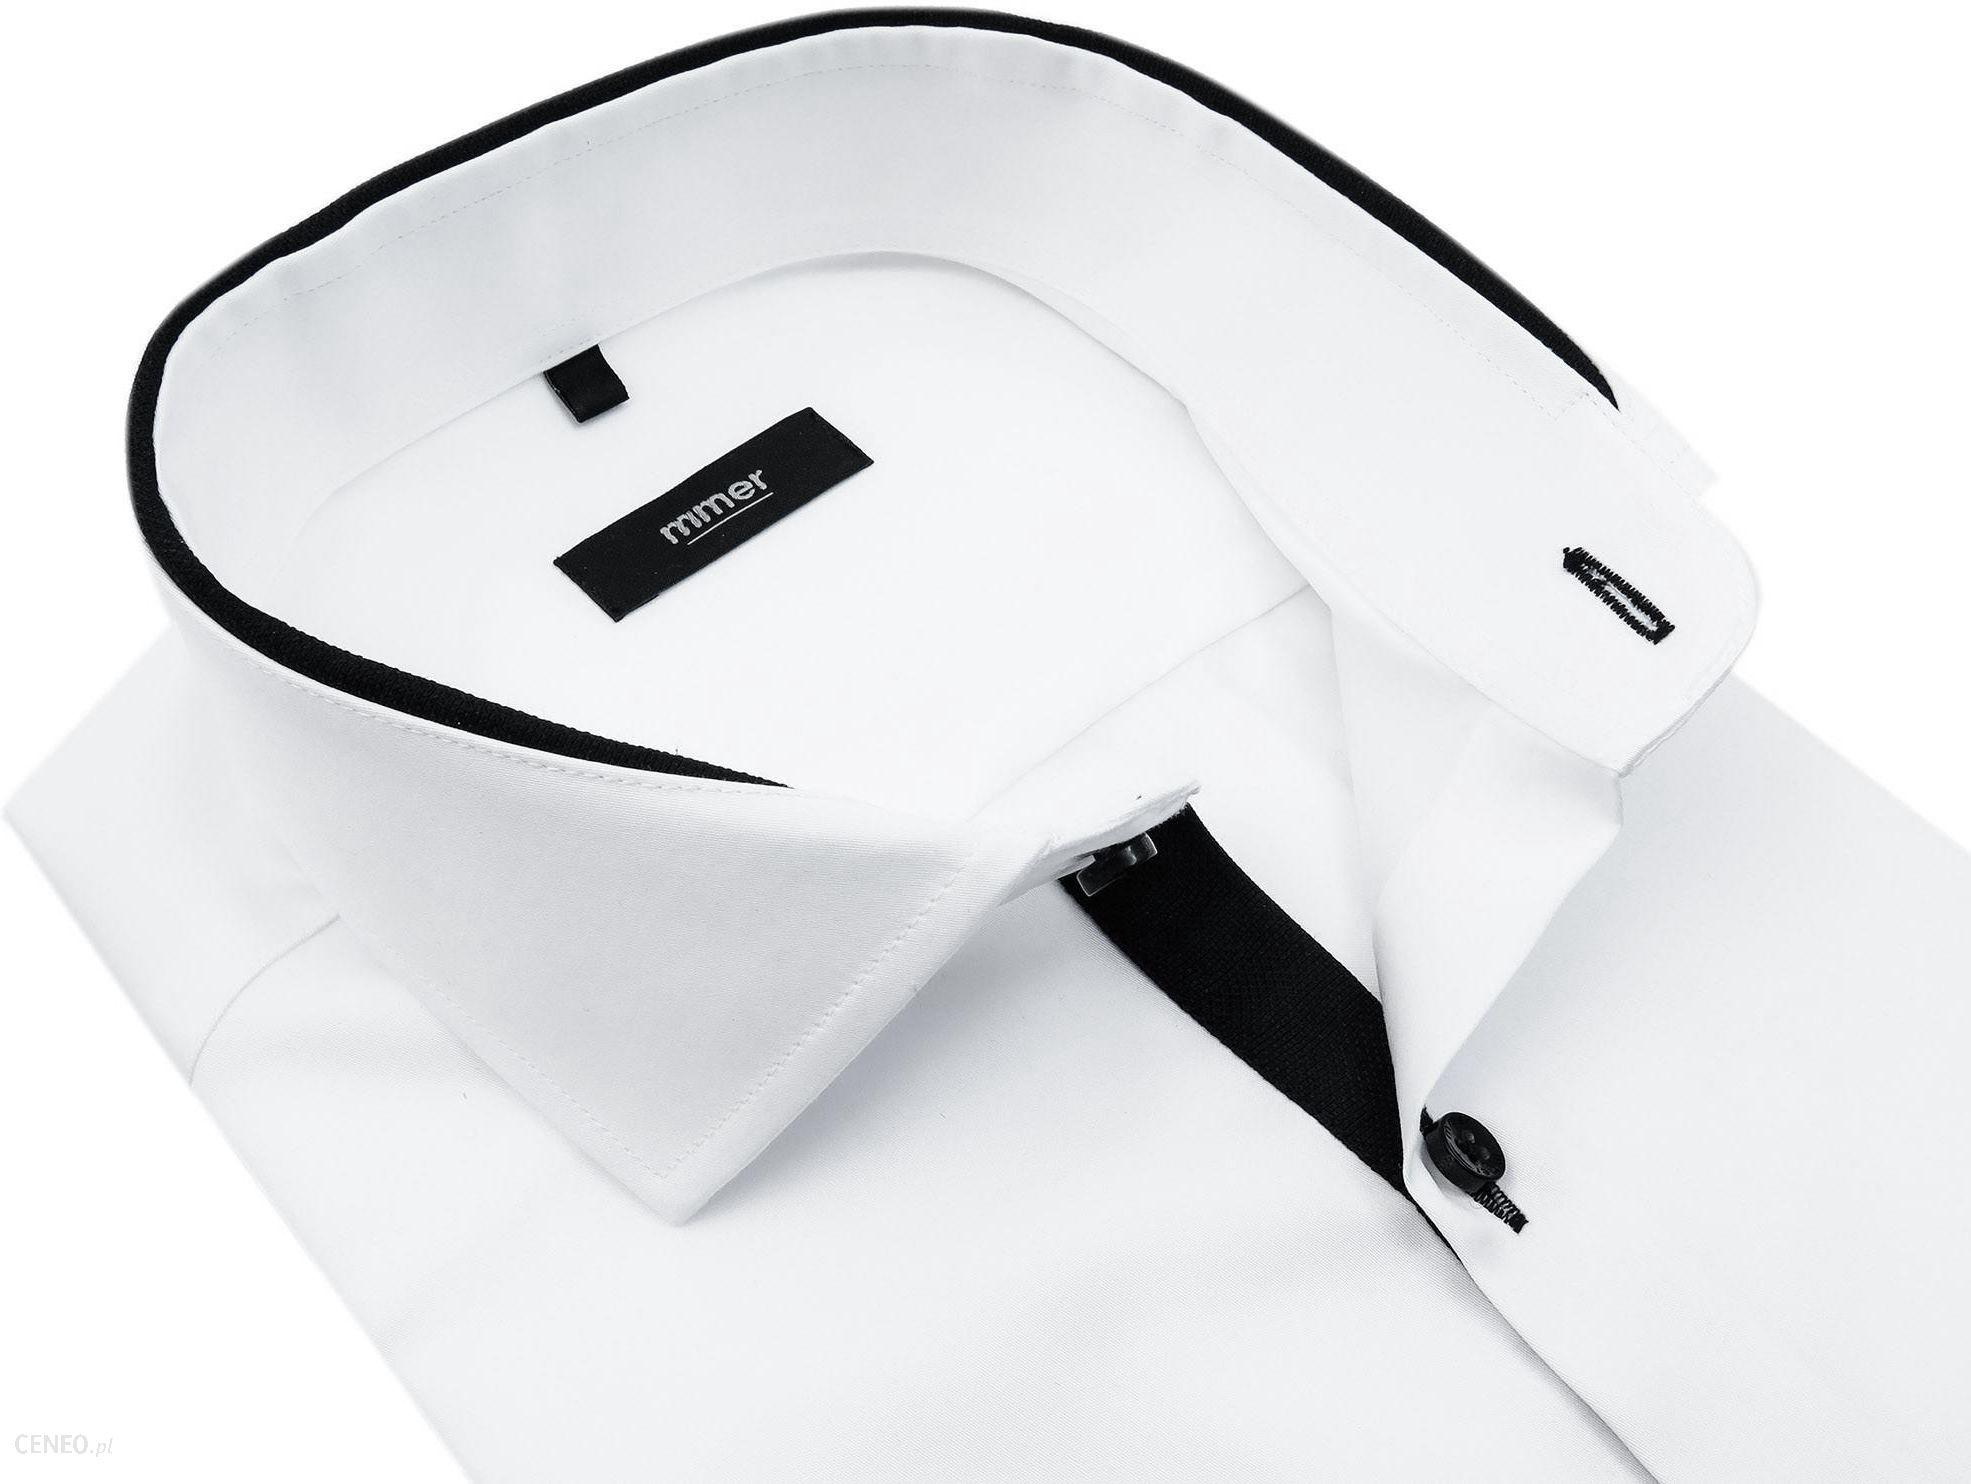 Biała koszula z długim rękawem czarne kontrasty 889 Ceny  YSKwj